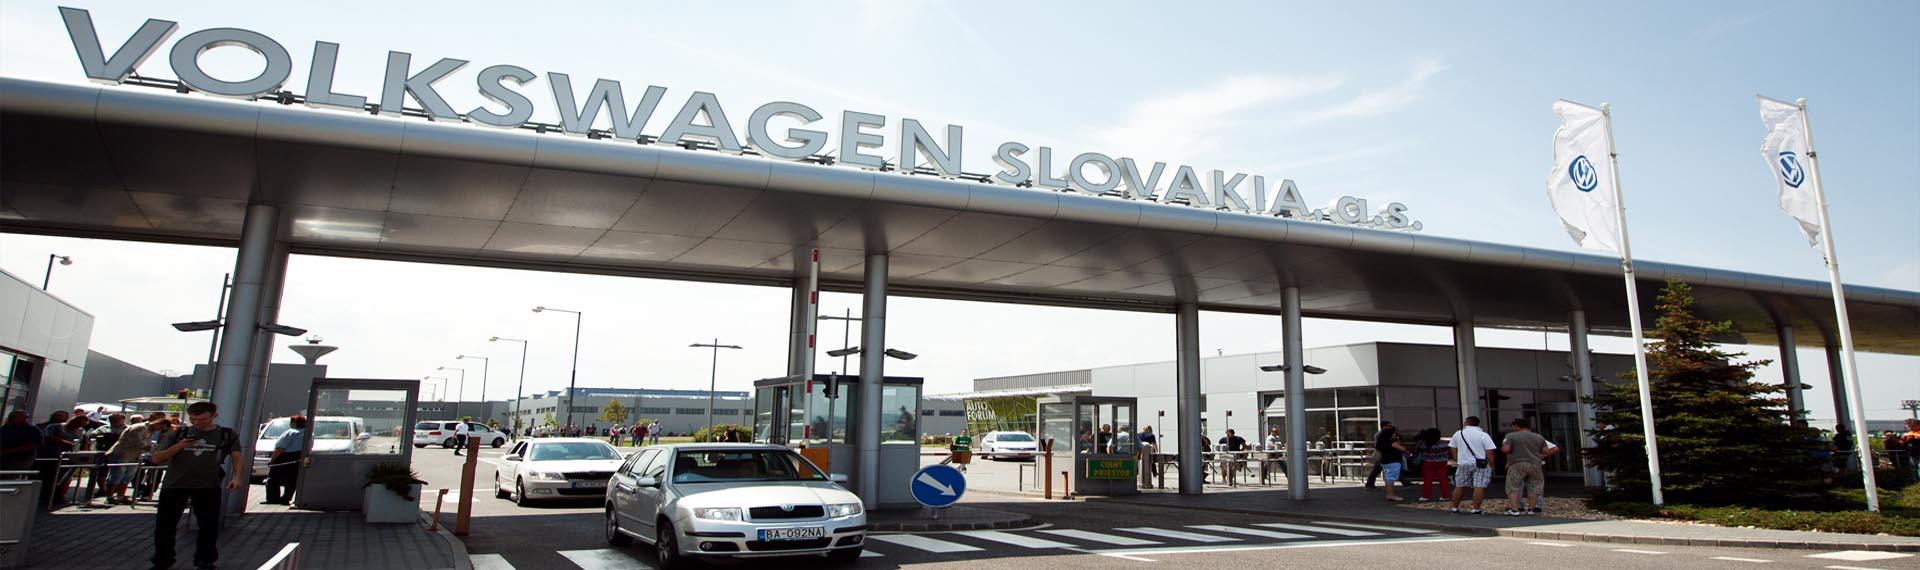 Volkswagen je strážený VEKAM Security